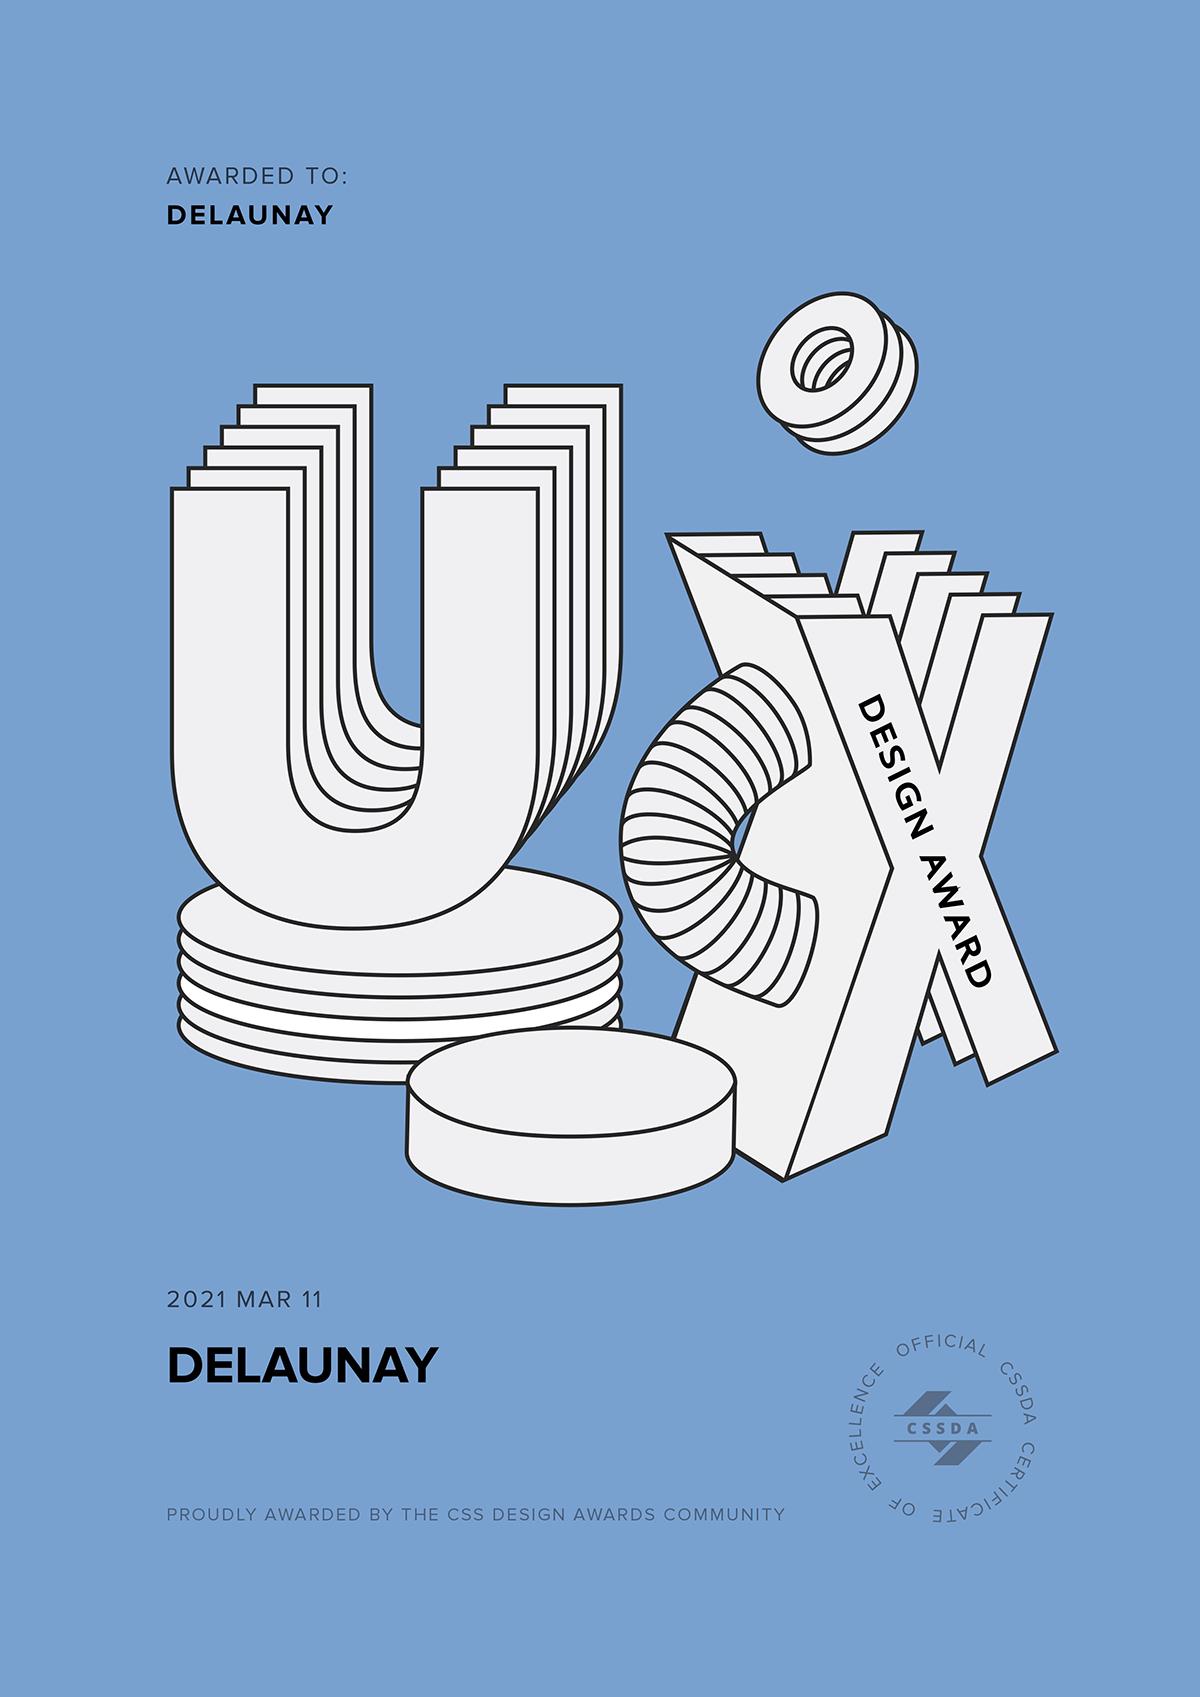 cssda-ux-DELAUNAY